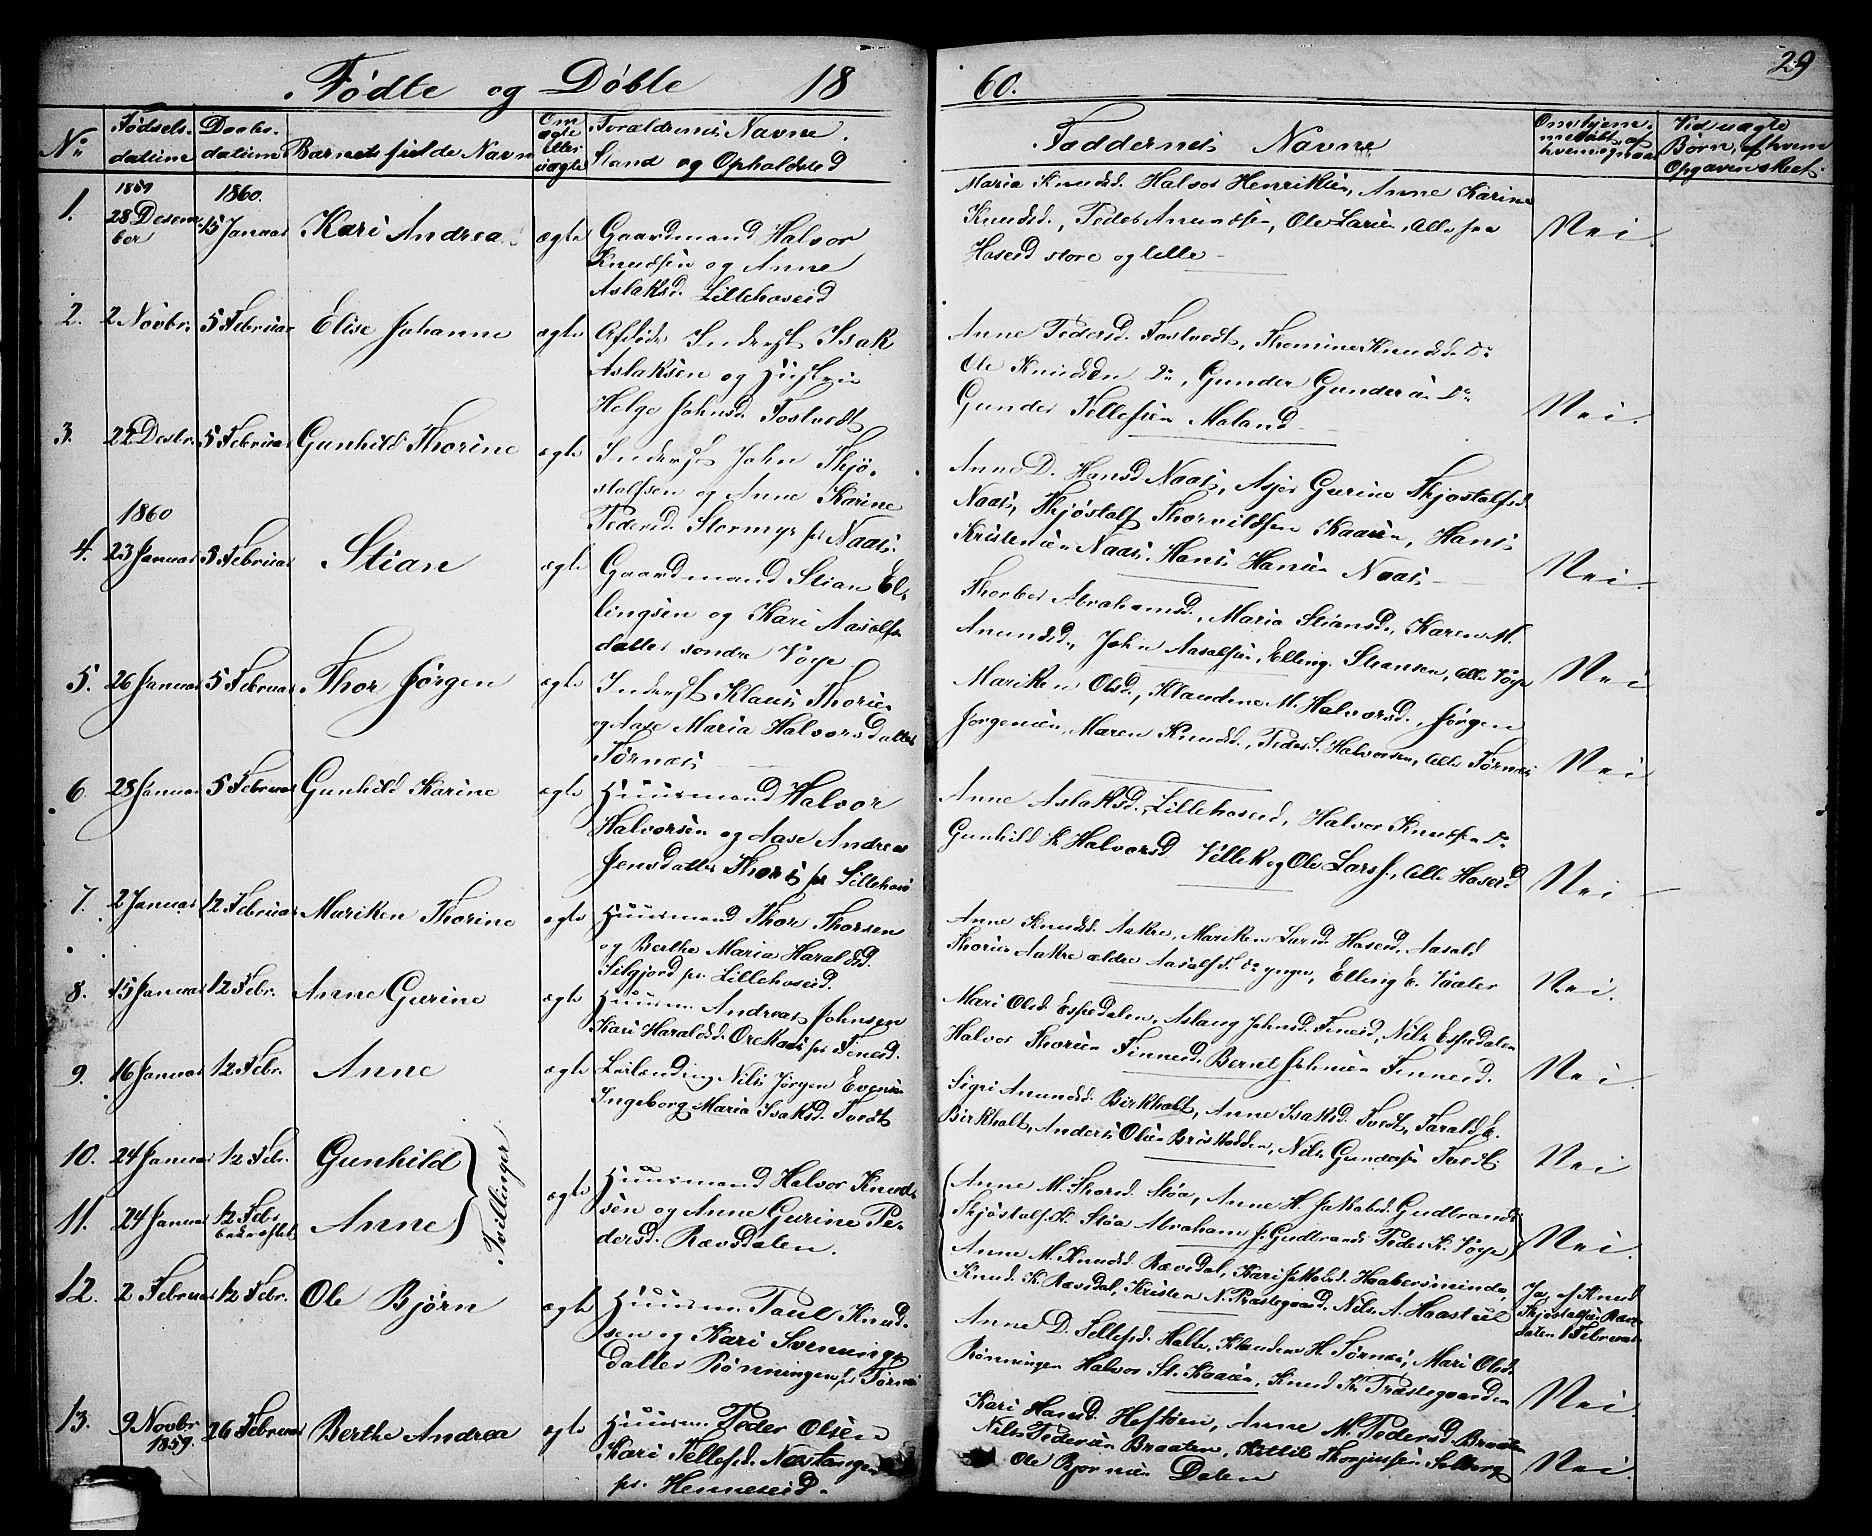 SAKO, Drangedal kirkebøker, G/Ga/L0002: Klokkerbok nr. I 2, 1856-1887, s. 29